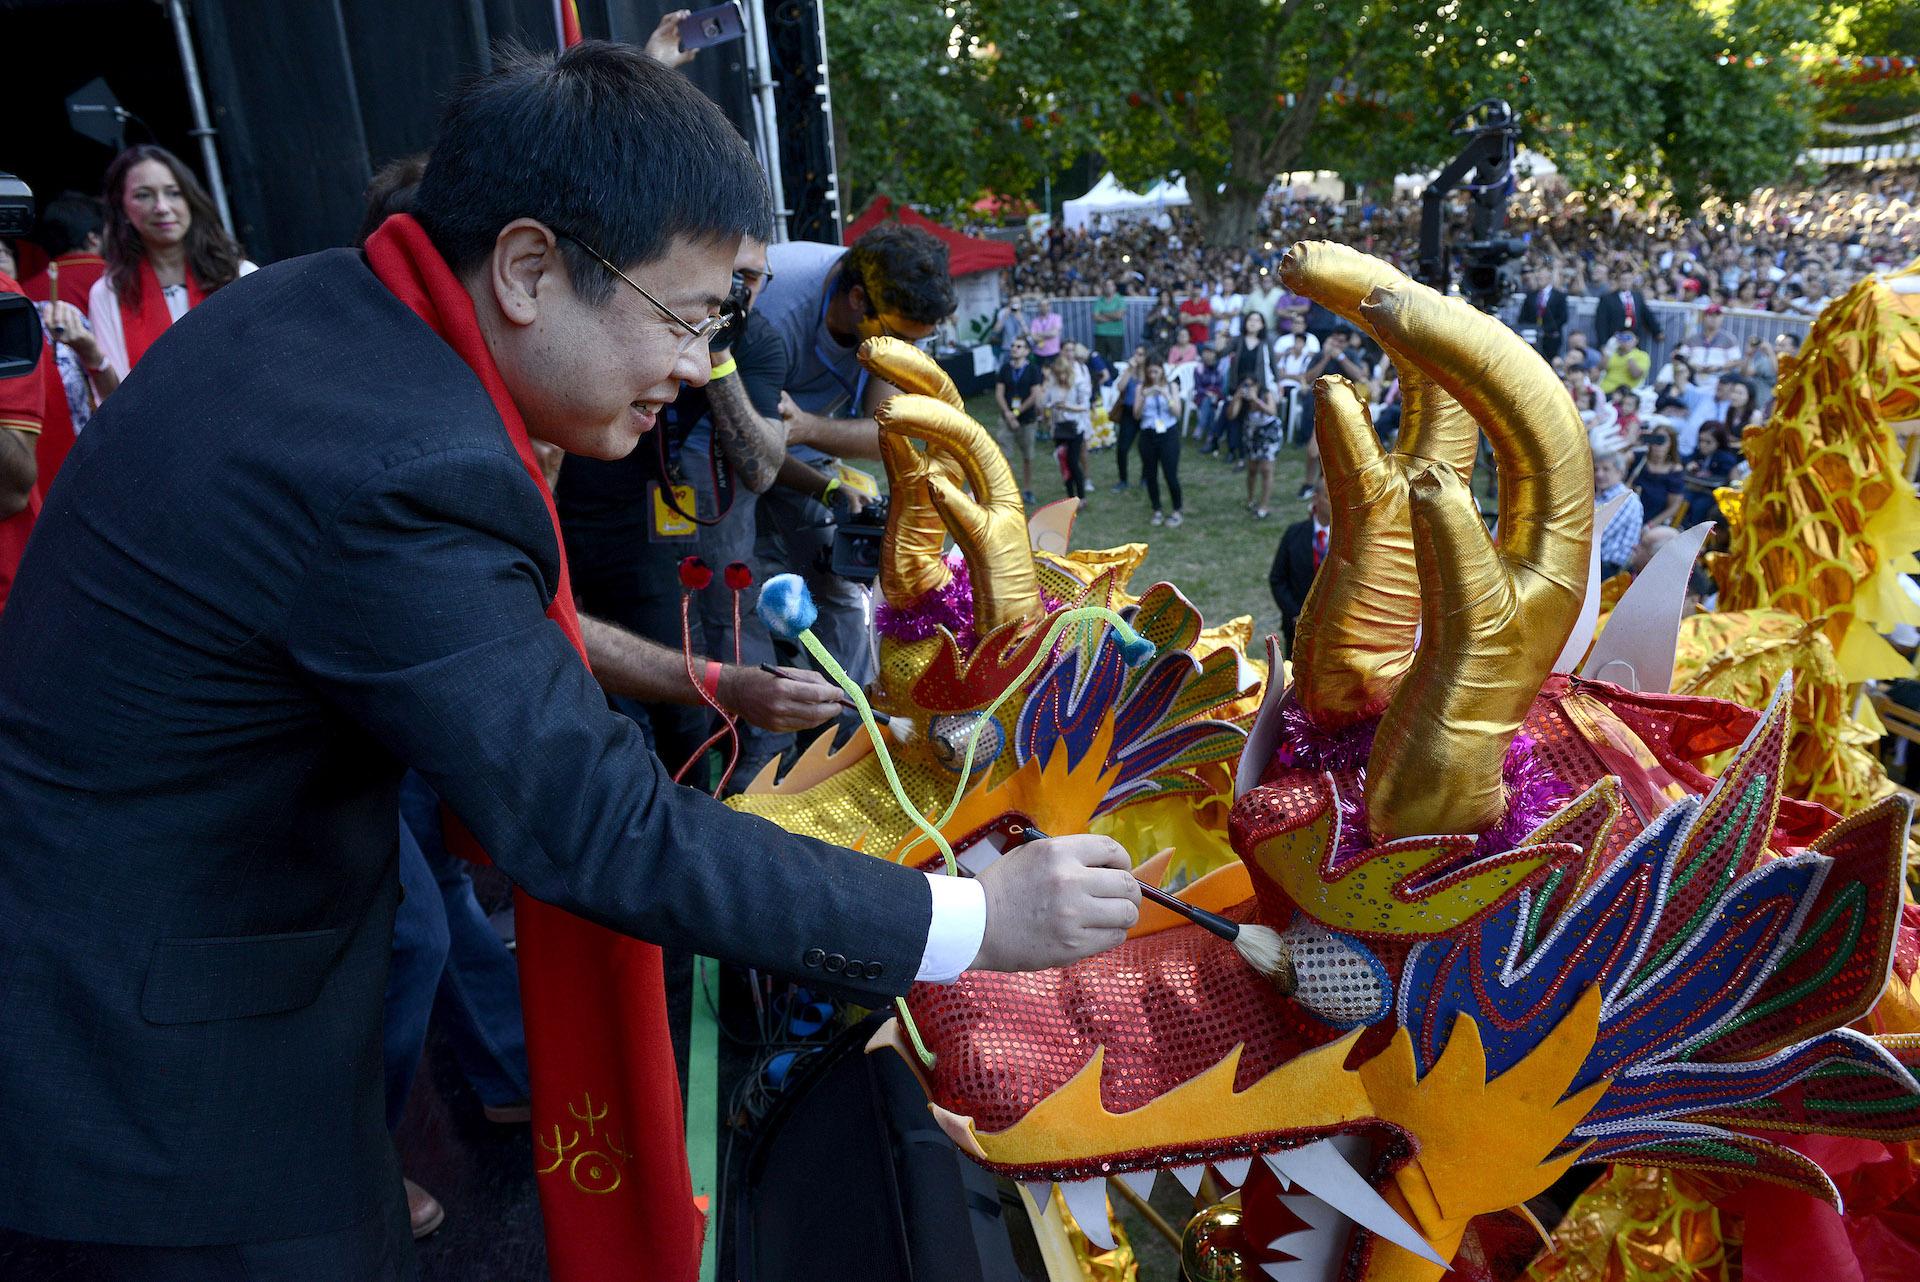 Cuando el maestro Liu Ming pintó El Ojo del Dragón en el escenario se dio inicio a las celebraciones.